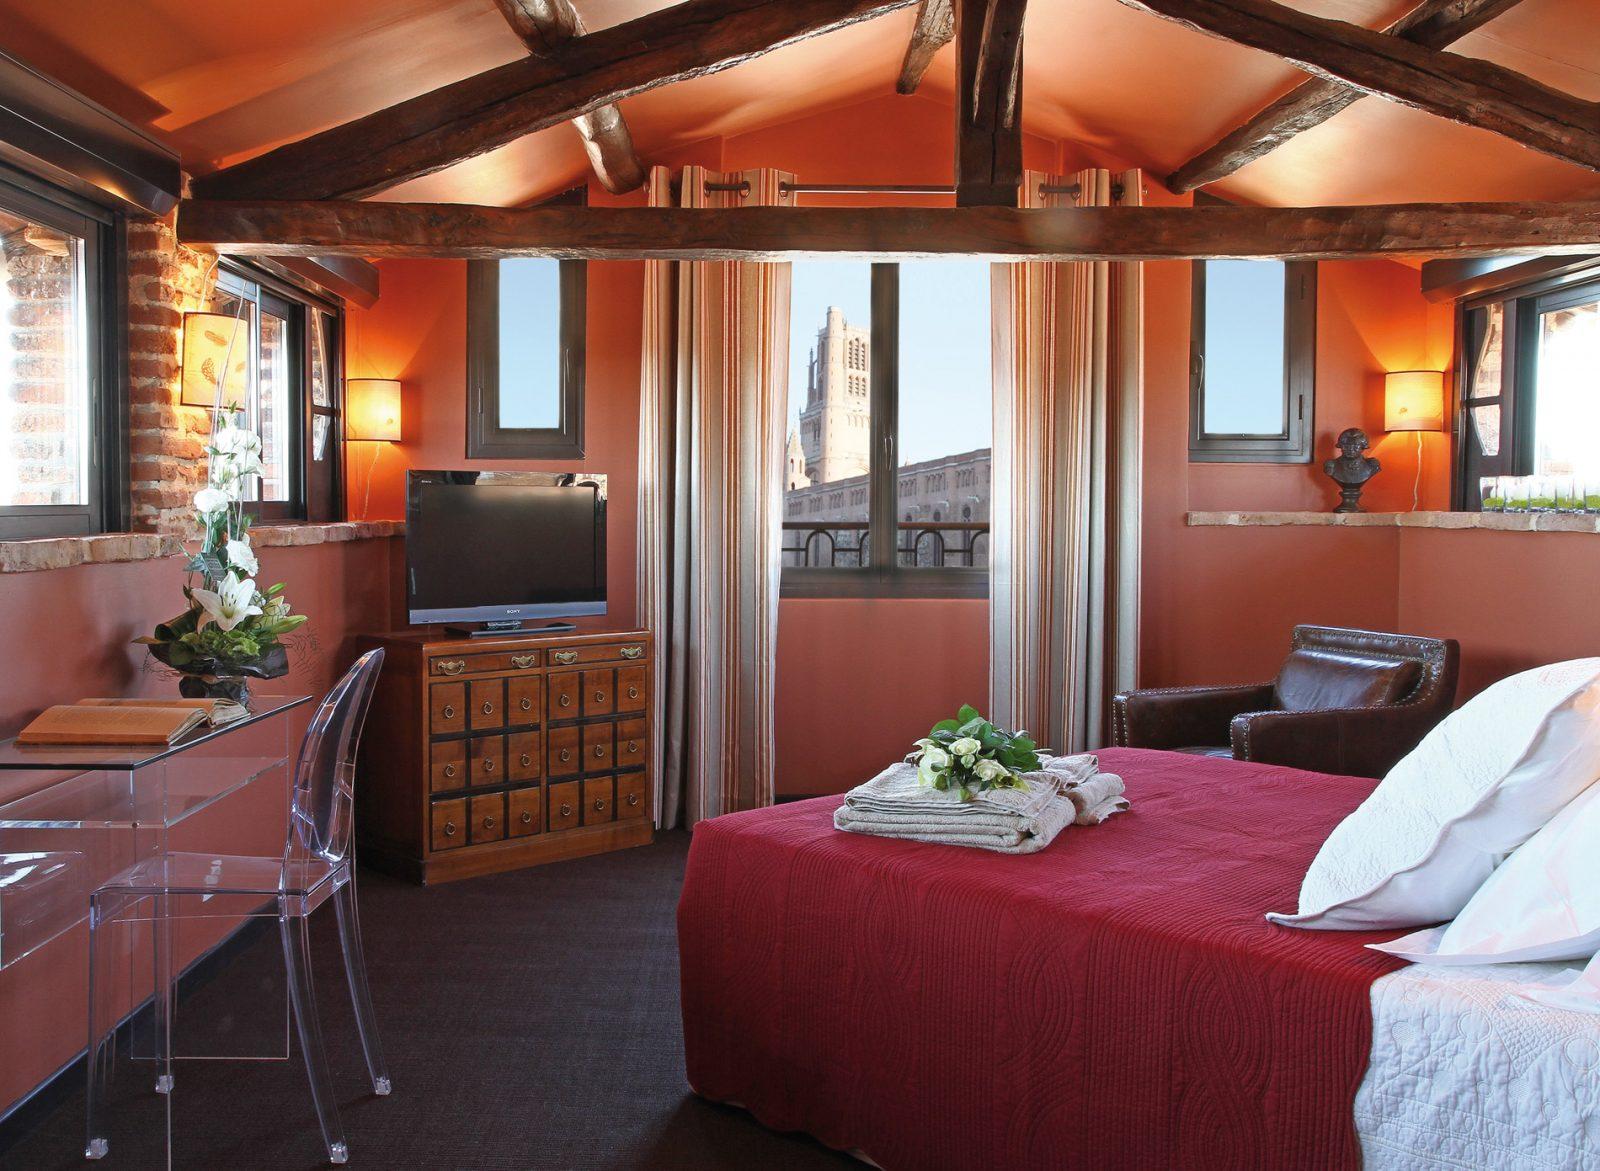 Albi Chambre d'hotesTour Sainte Cecile